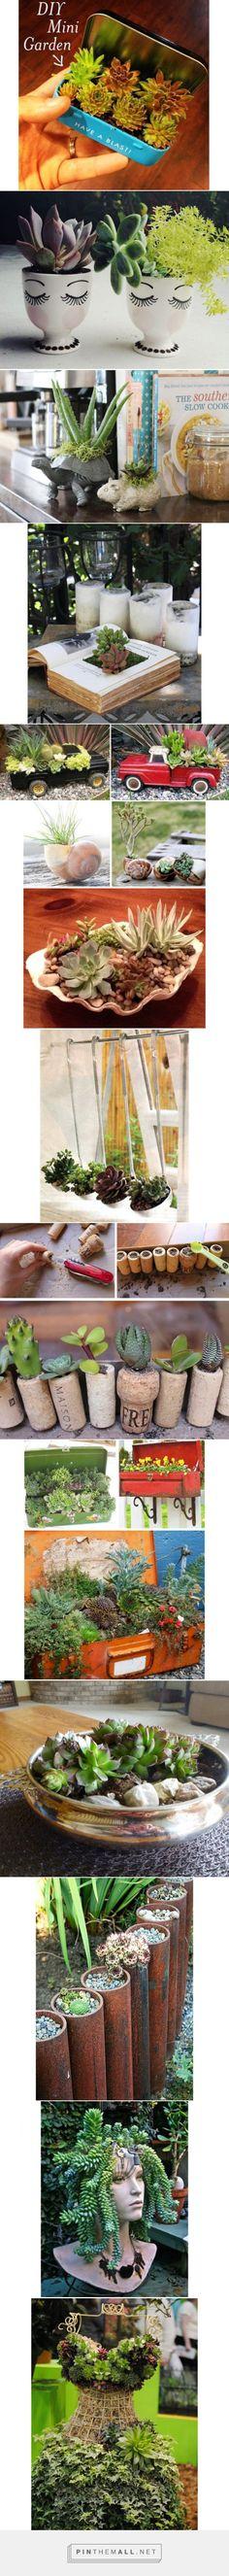 13 ideias de lugares inusitados para cultivar suculentas   Casa - created via https://pinthemall.net